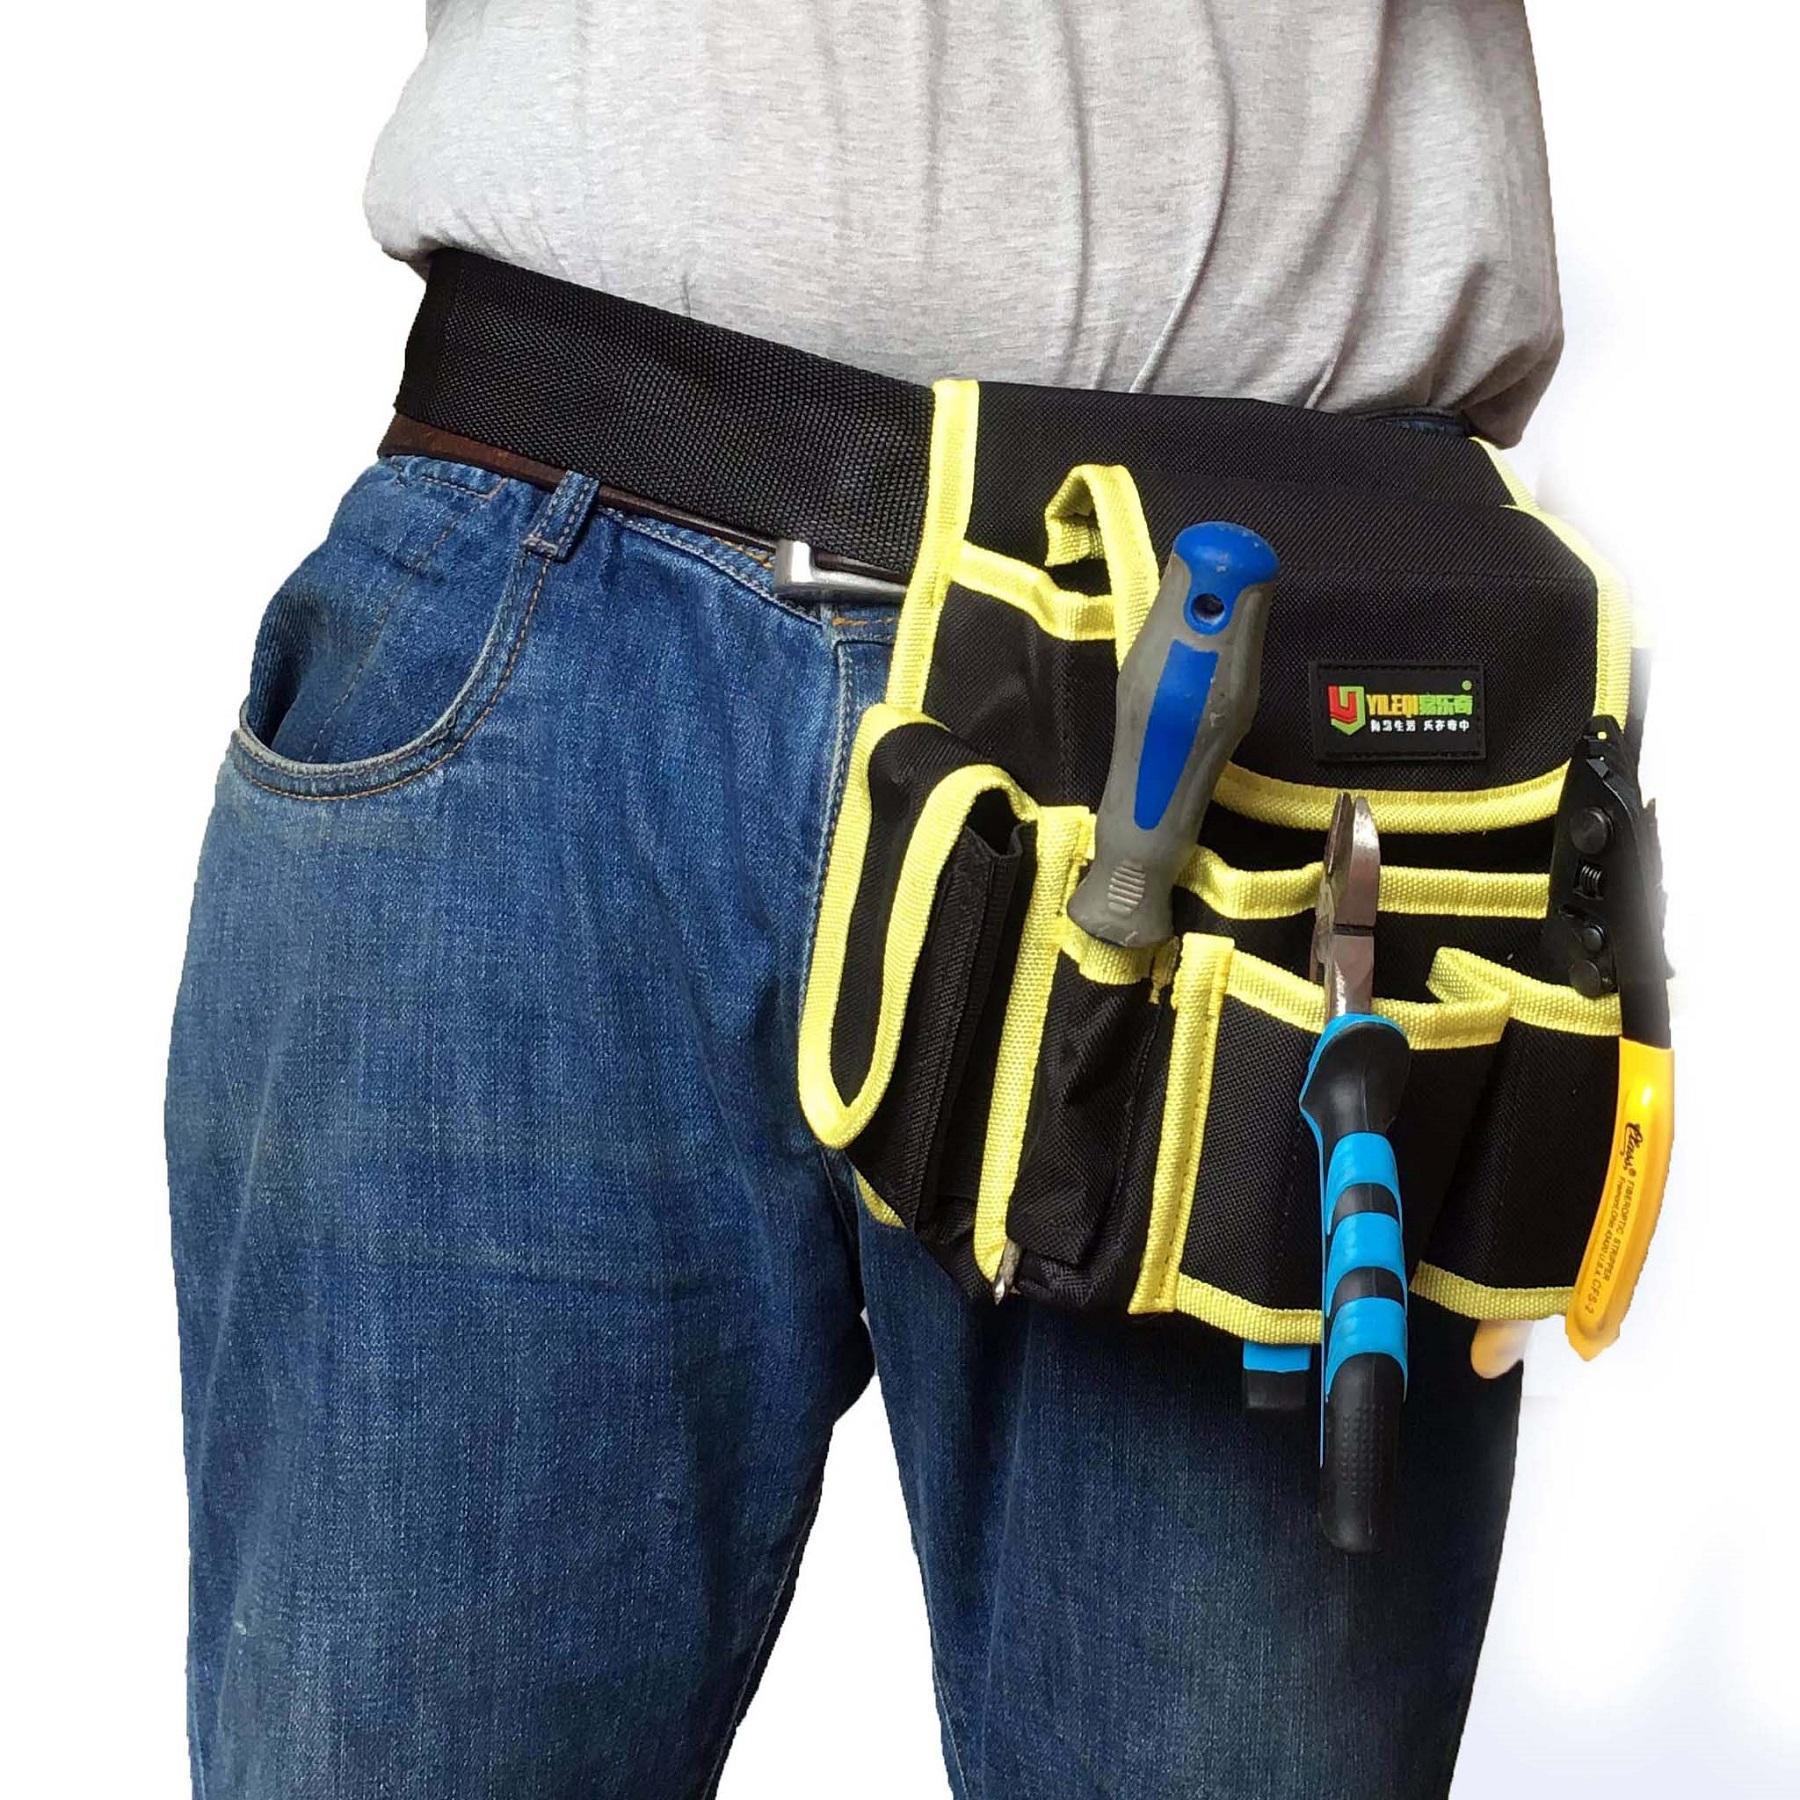 túi đeo đồ nghề cho thợ điện , nước , cơ khí Yileqi-104